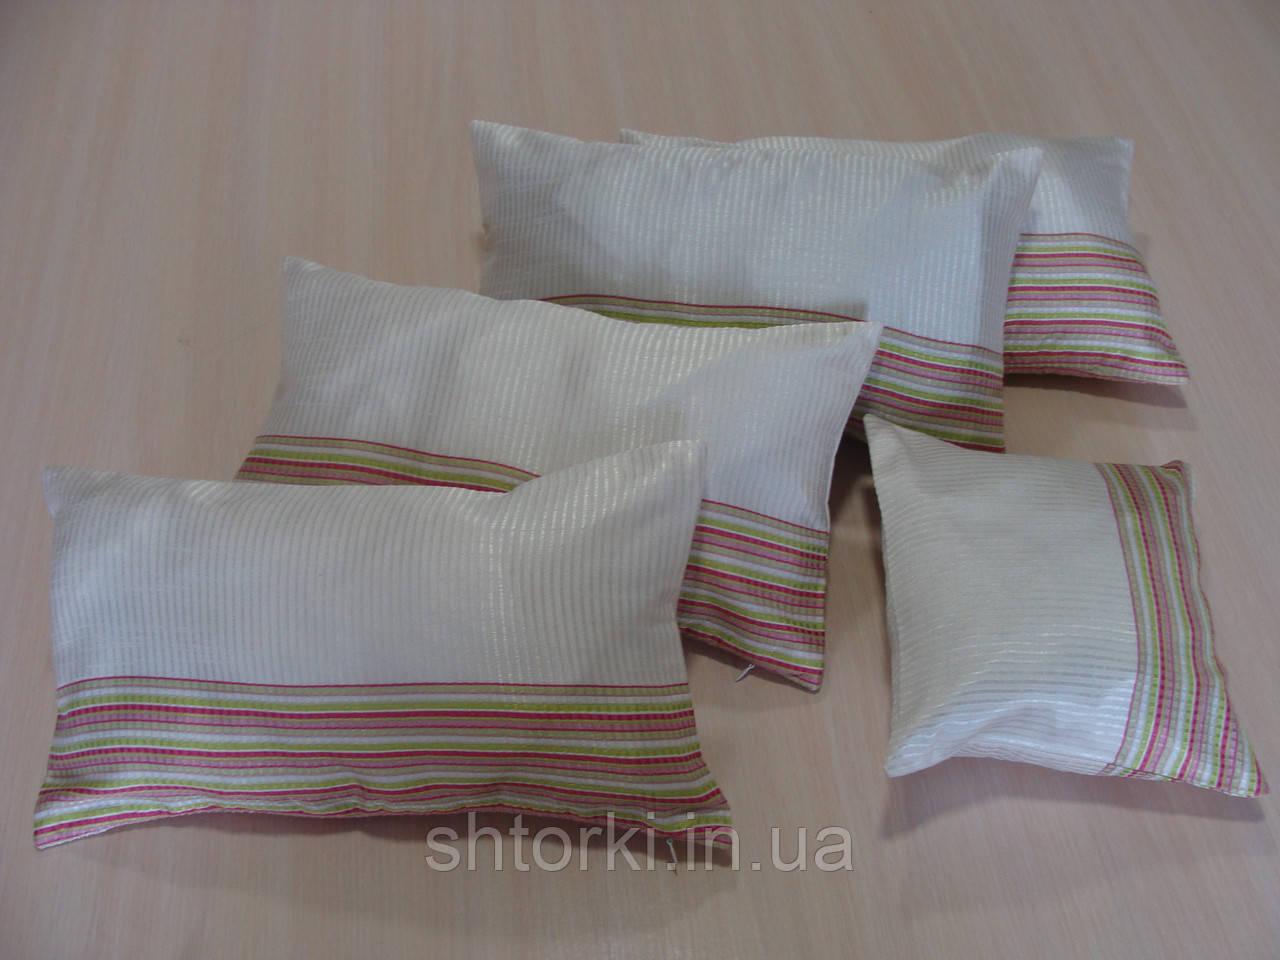 Комплект подушек полоска салатовая 5шт молочные